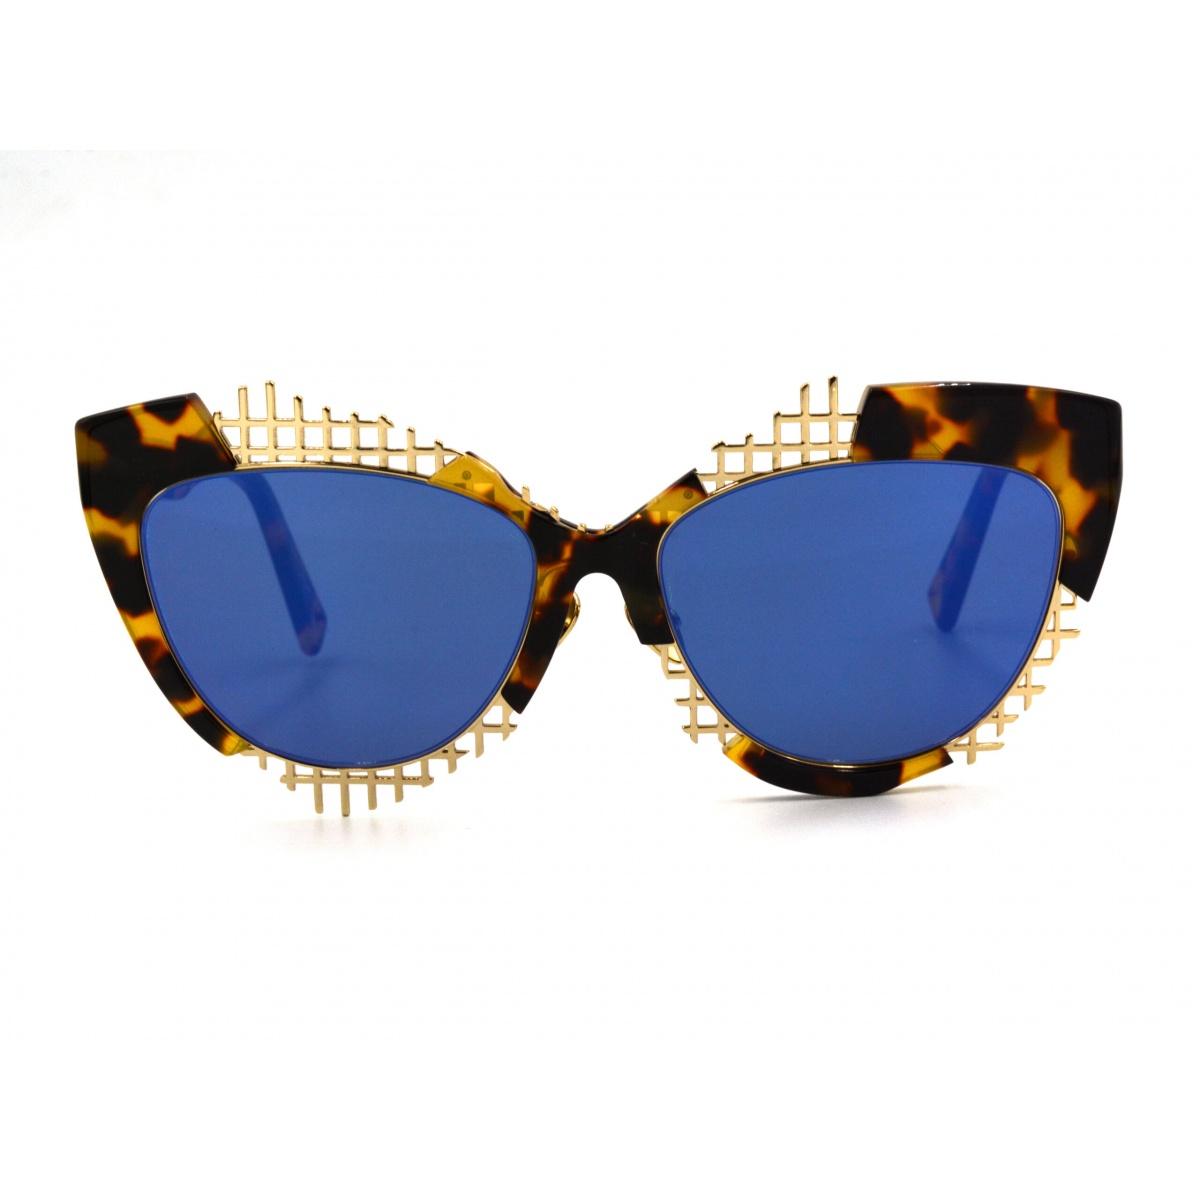 Γυαλιά ηλίου HAZE COLLECTION NEW YORK VOZ-6TK 57-17-135